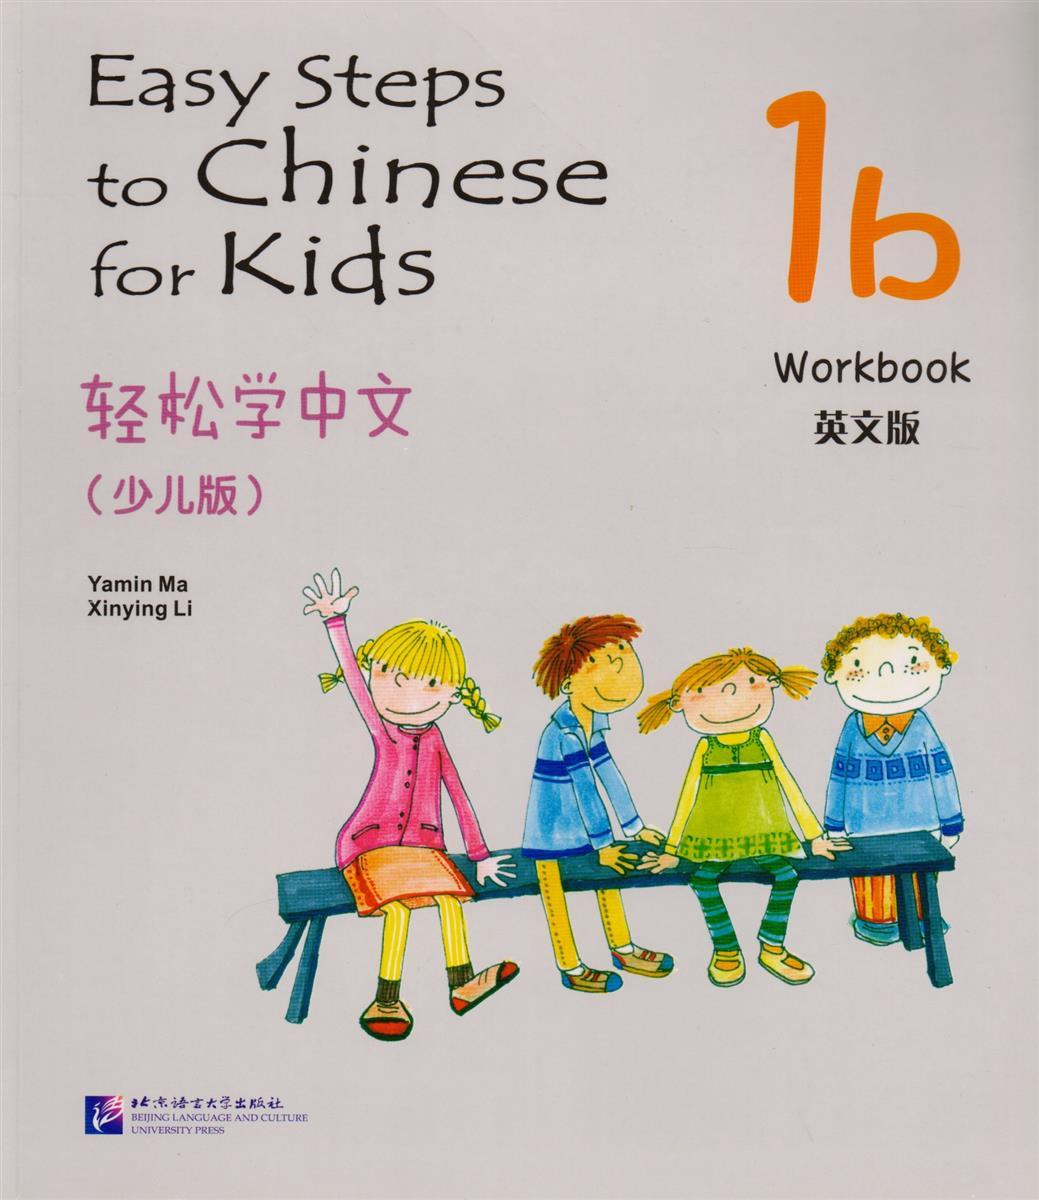 Easy Steps to Chinese for kids 1B - WB / Легкие Шаги к Китайскому для детей. Часть 1B - Рабочая тетрадь (на китайском и английском языках)